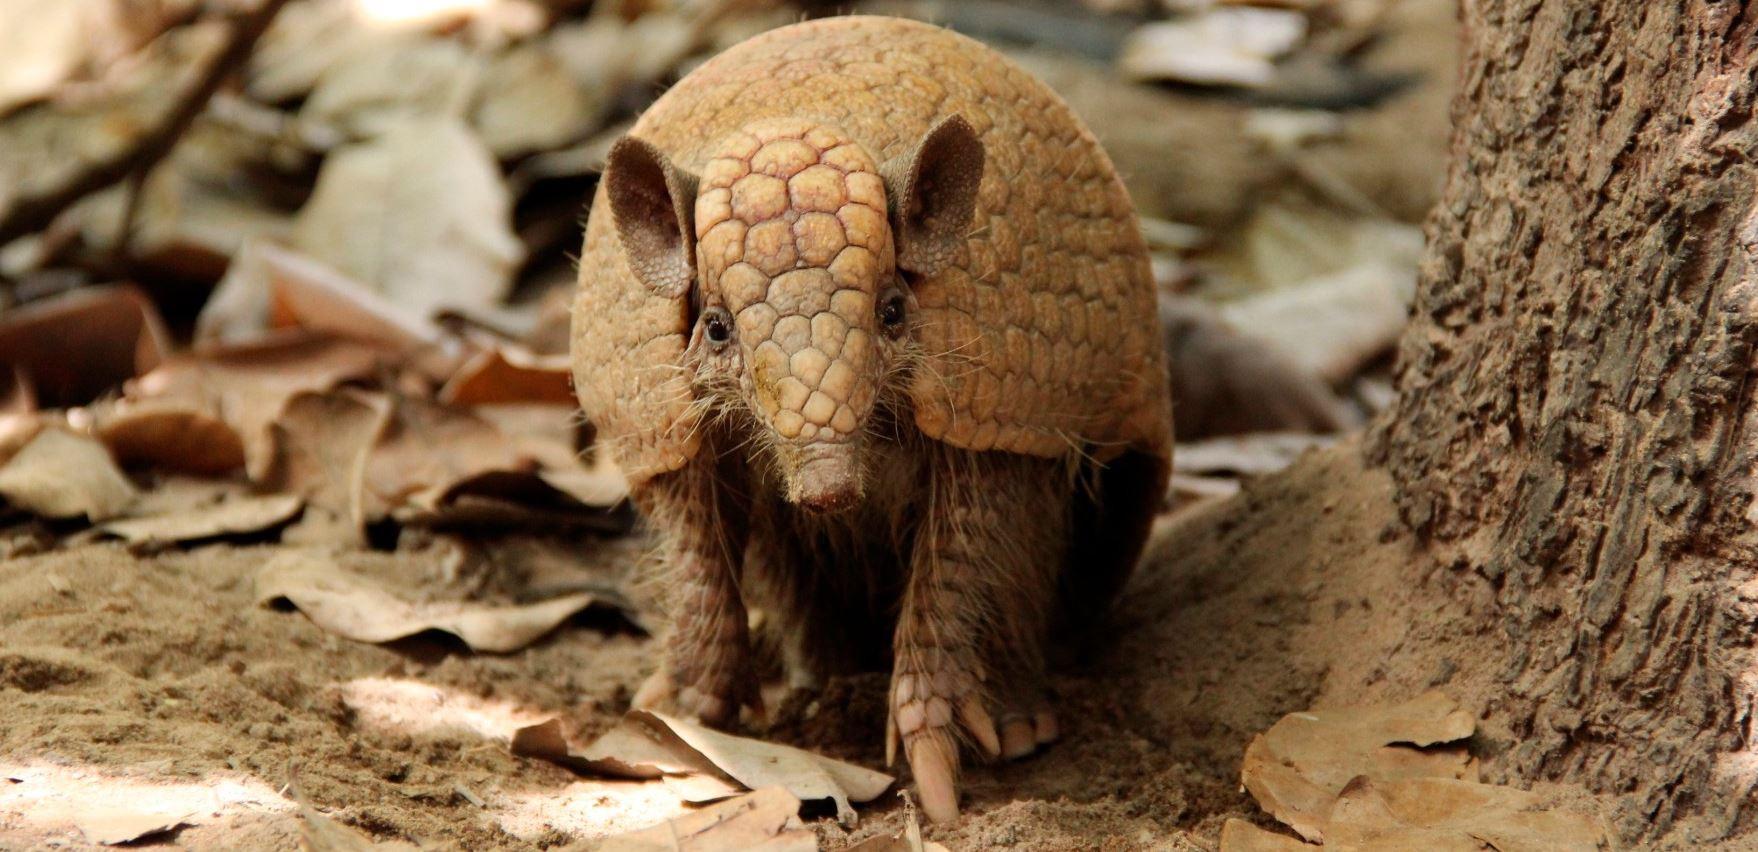 O Tatu-bola (Tolipeutes tricinctus) é uma das espécies brasileiras em perigo de extinção em função da perda de seu ambiente natural. (Foto: Liana Mara Mendes de Senna / ICMBio)